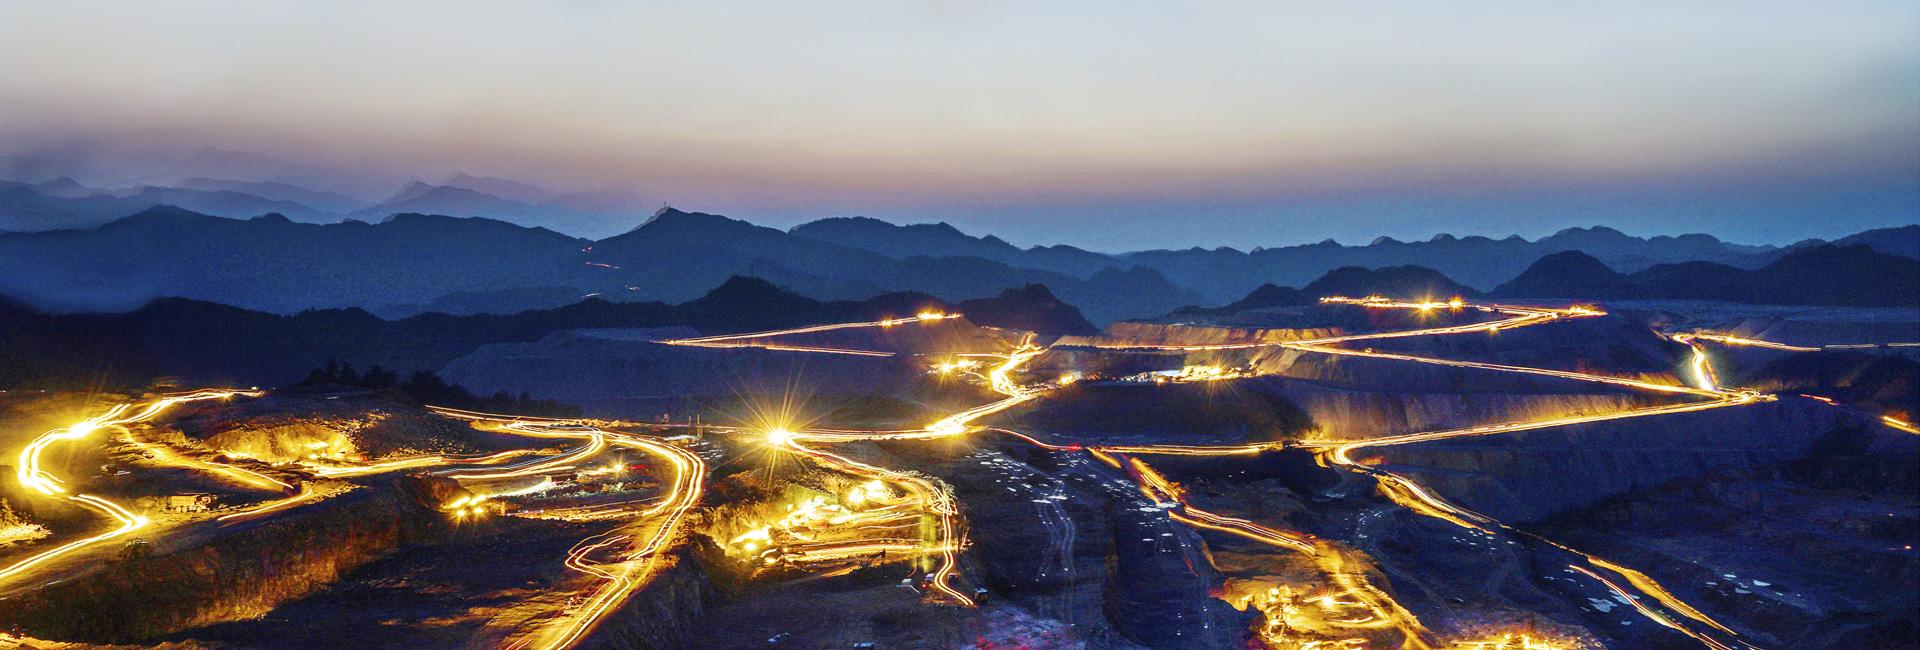 礦山冶金機械系列